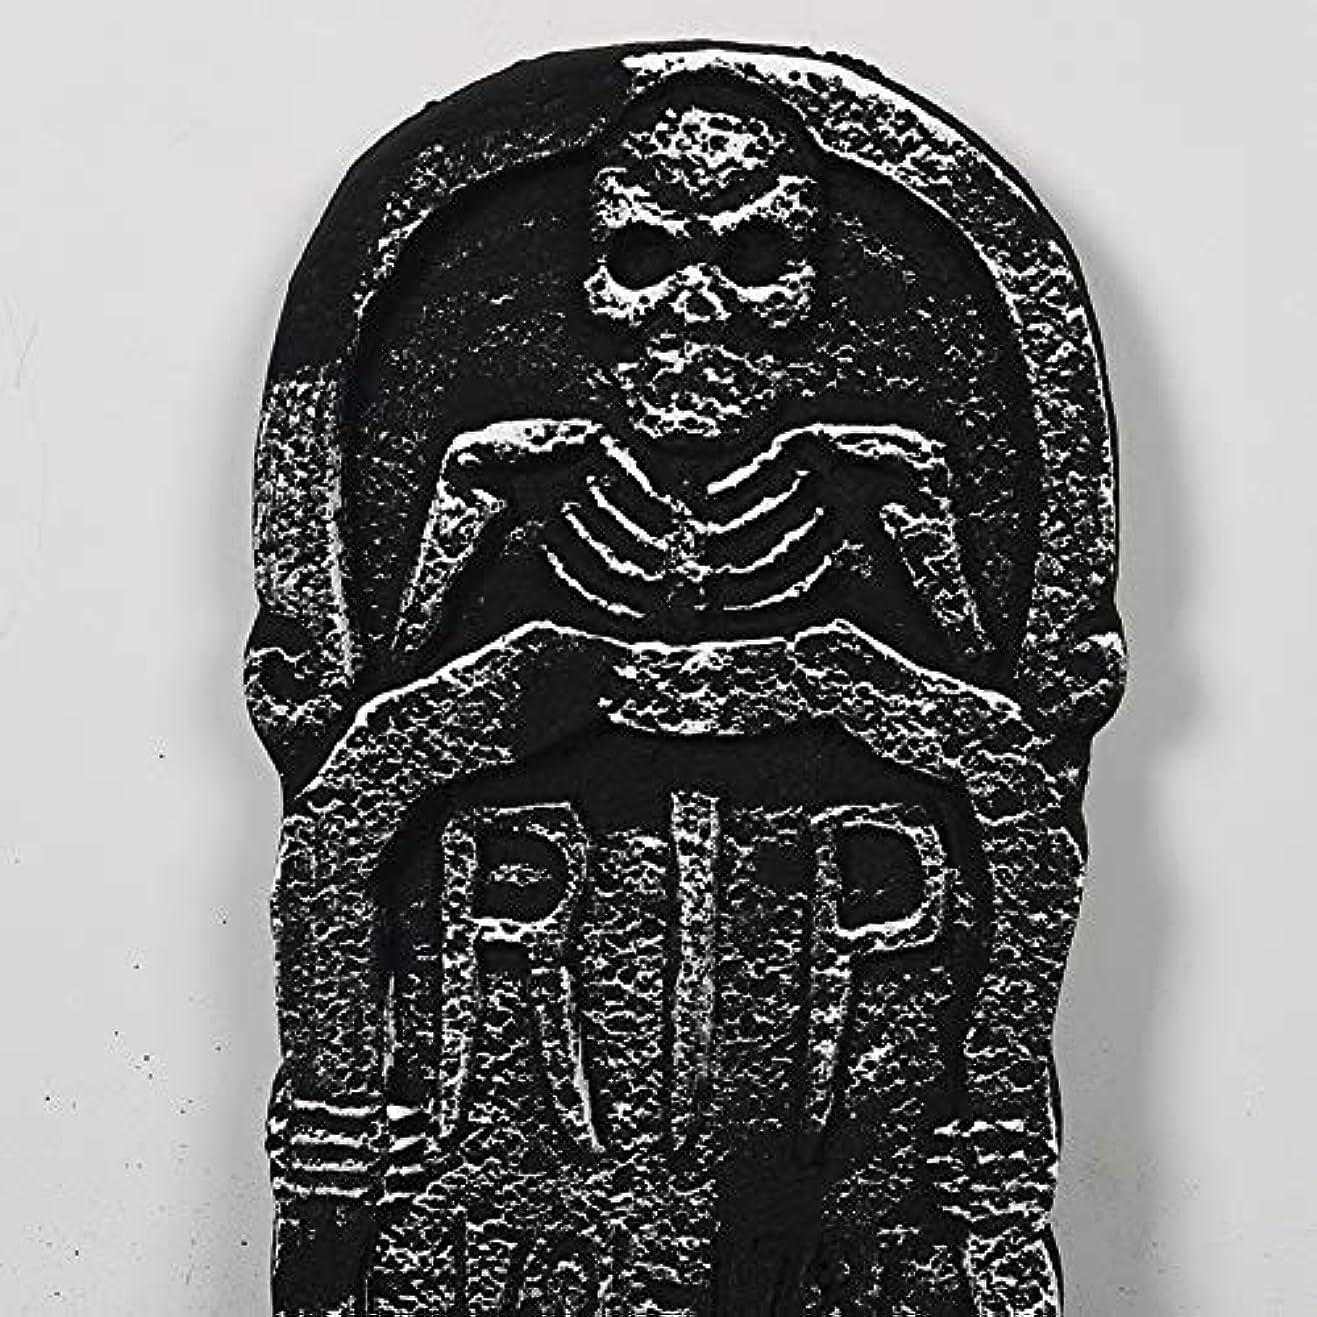 狼増幅器パノラマETRRUU HOME 4ピース三次元墓石ハロウィーン装飾バーお化け屋敷の秘密の部屋怖い装飾パーティー雰囲気レイアウト小道具